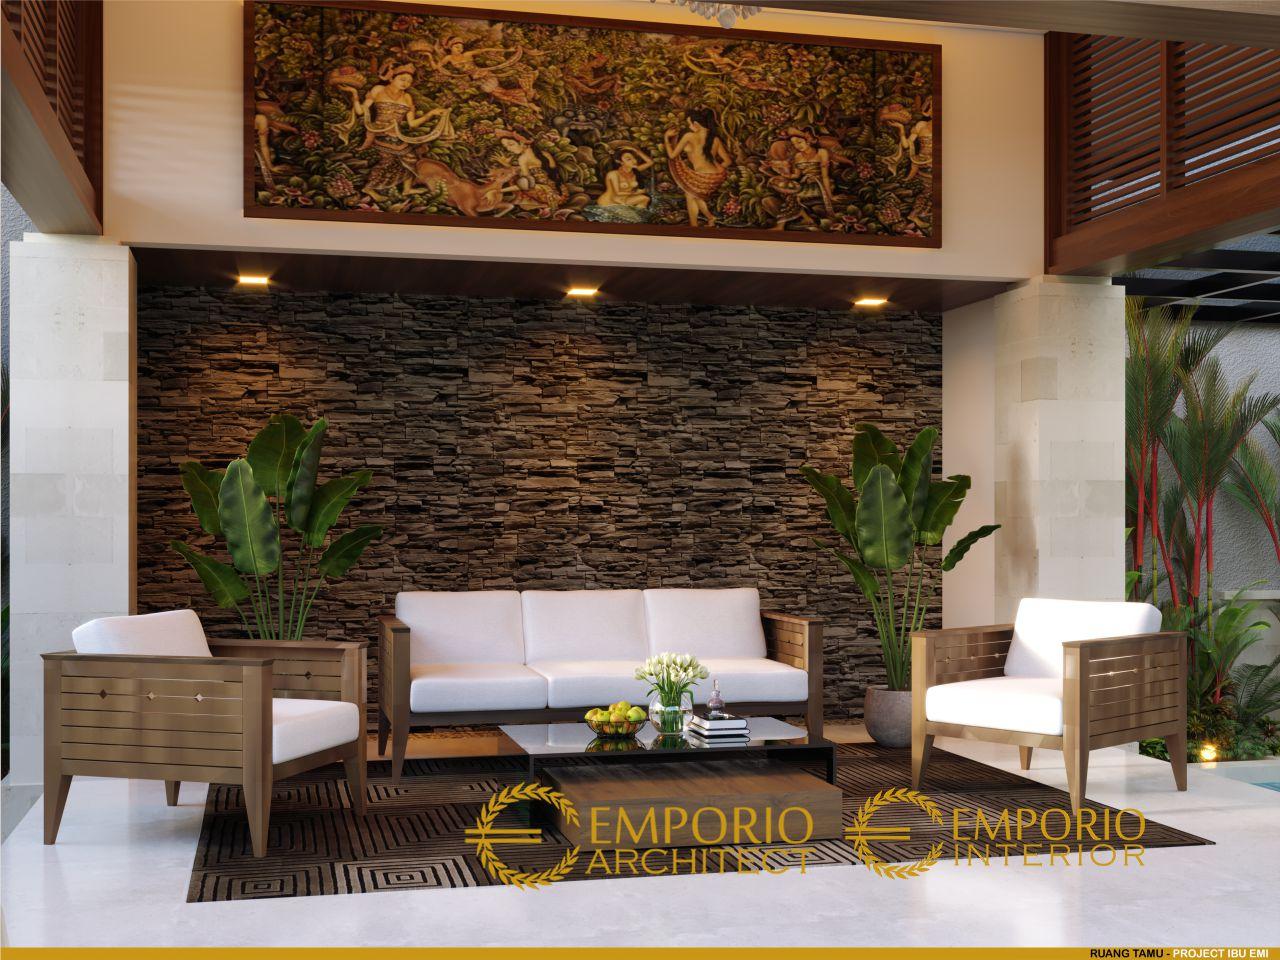 Desain Interior Rumah Villa Bali 2 Lantai Ibu Emi Di Medan Sumatera Utara Desain Interior Rumah Villa Bali 2 Lantai Ibu Emi Di Medan Sumatera Utara